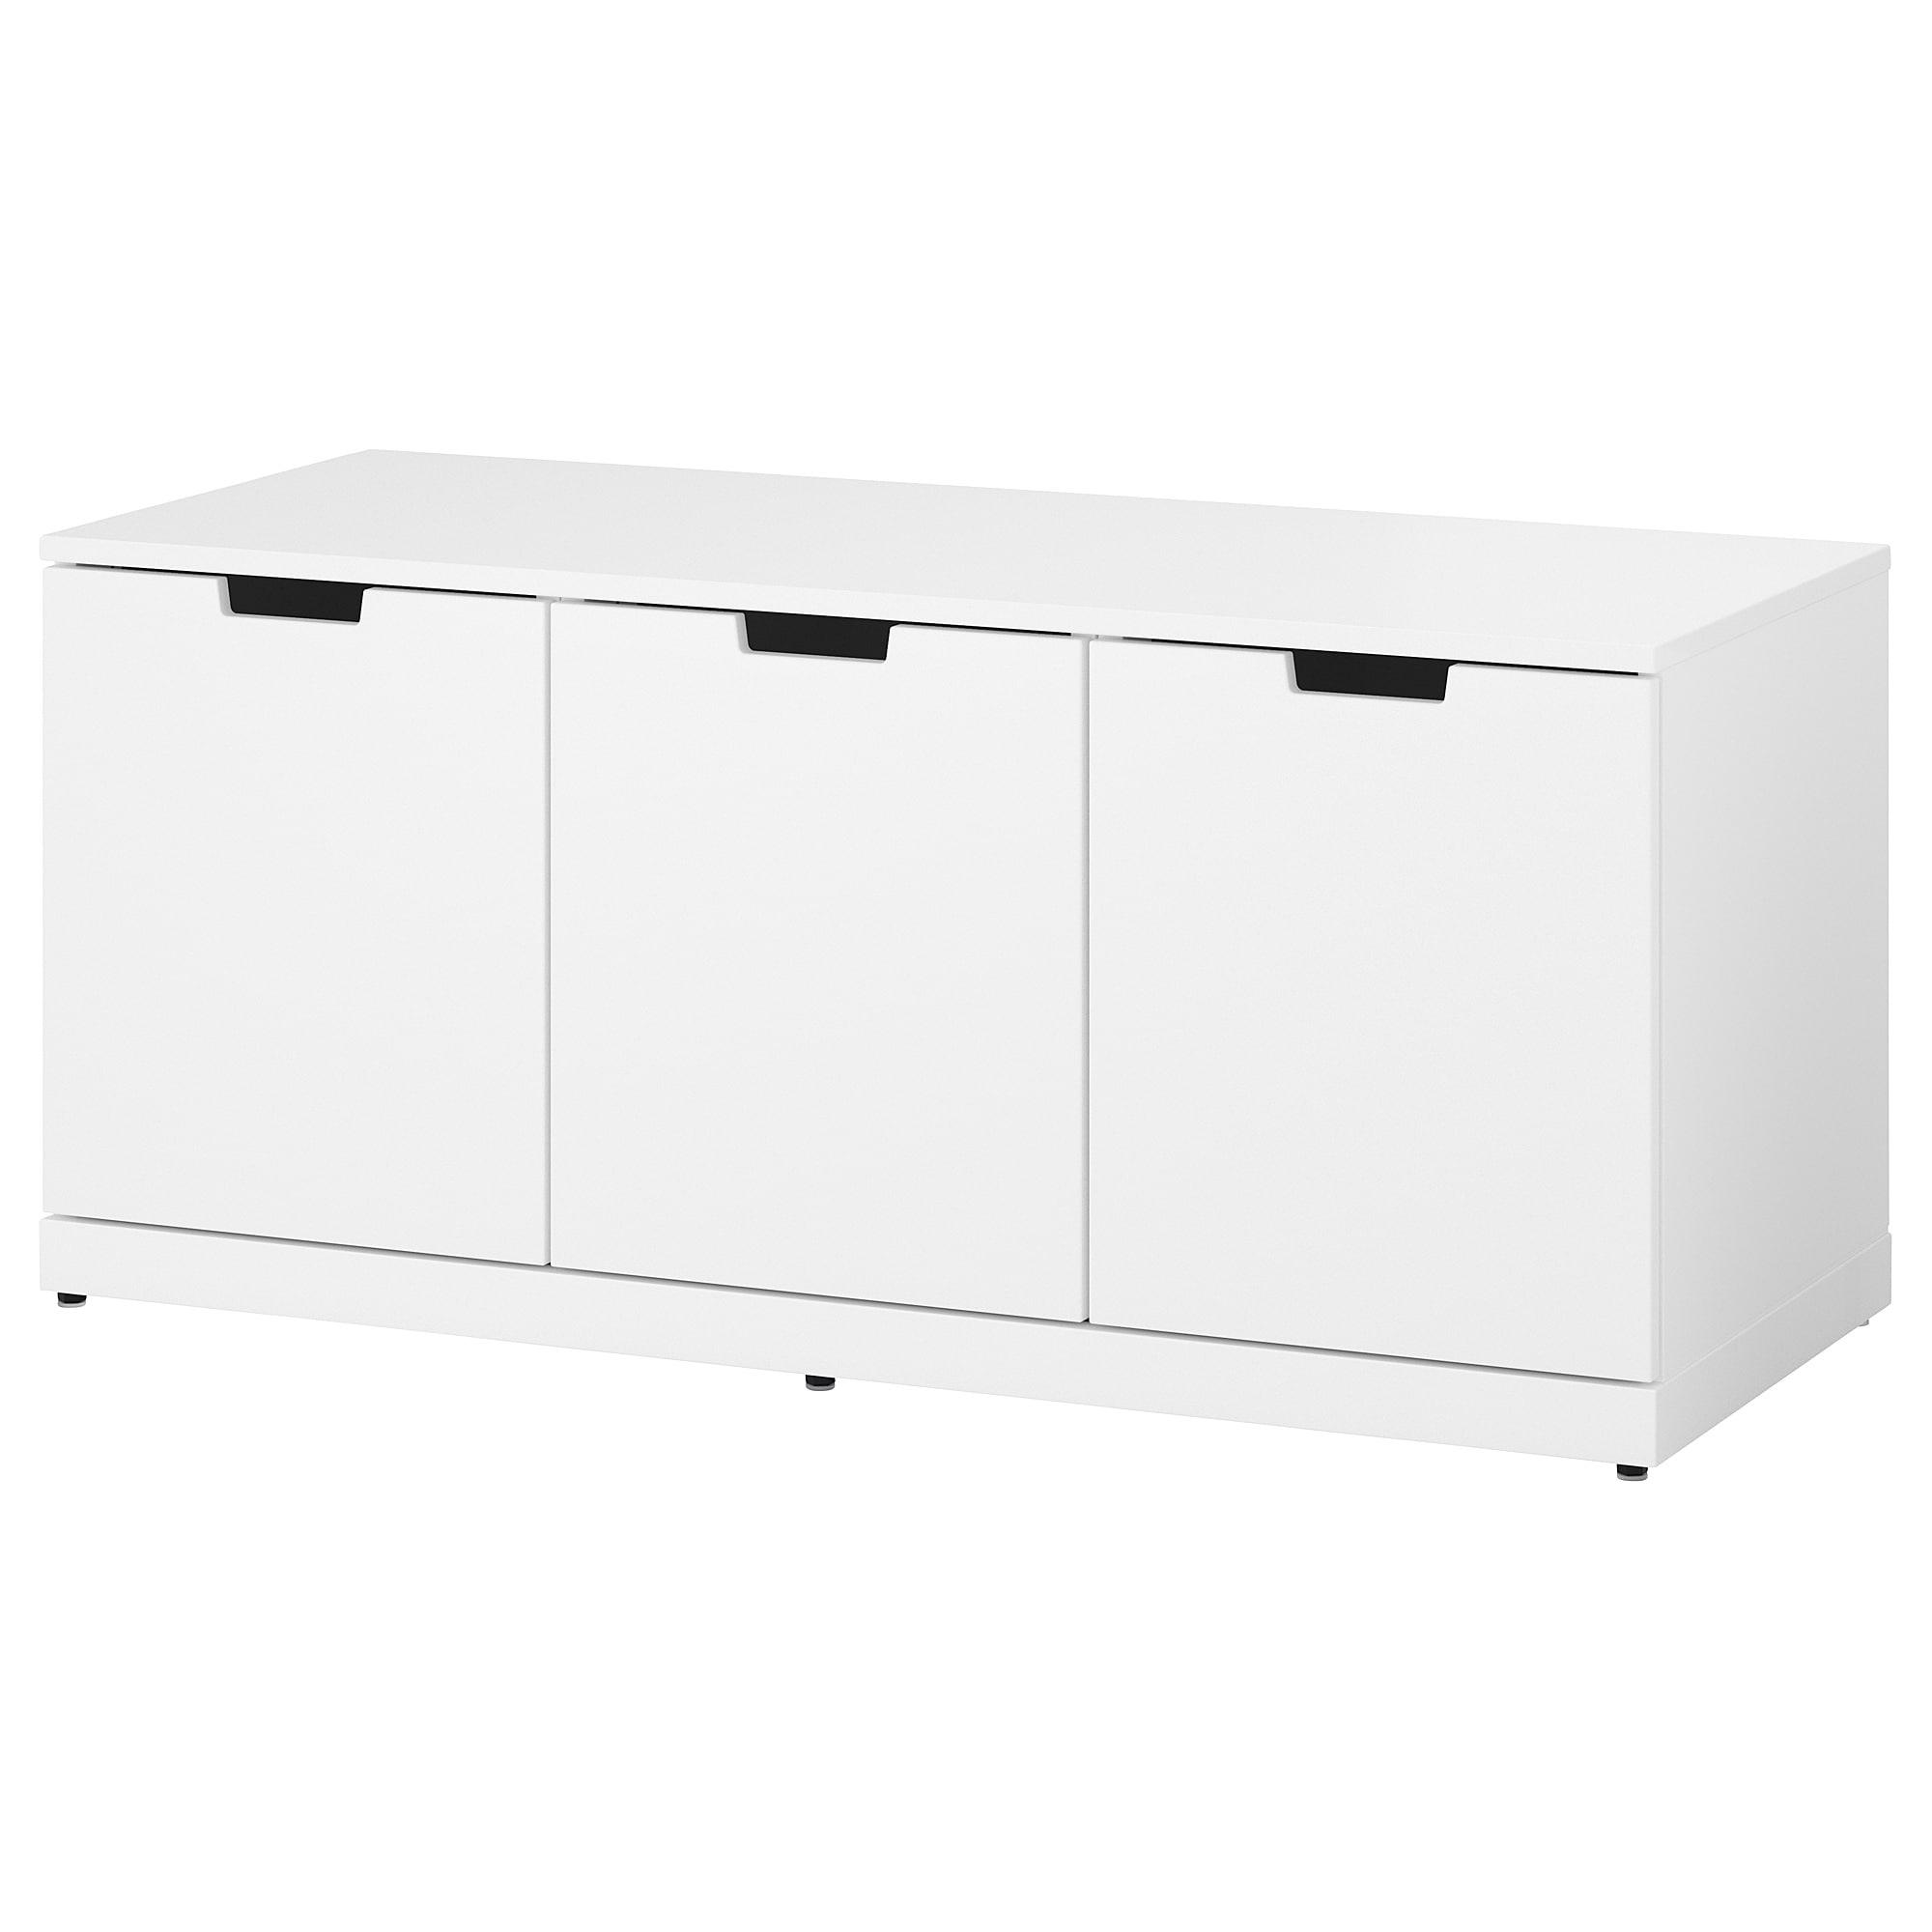 Комод с 3 ящиками НОРДЛИ белый артикуль № 092.765.70 в наличии. Онлайн каталог IKEA Республика Беларусь. Недорогая доставка и установка.